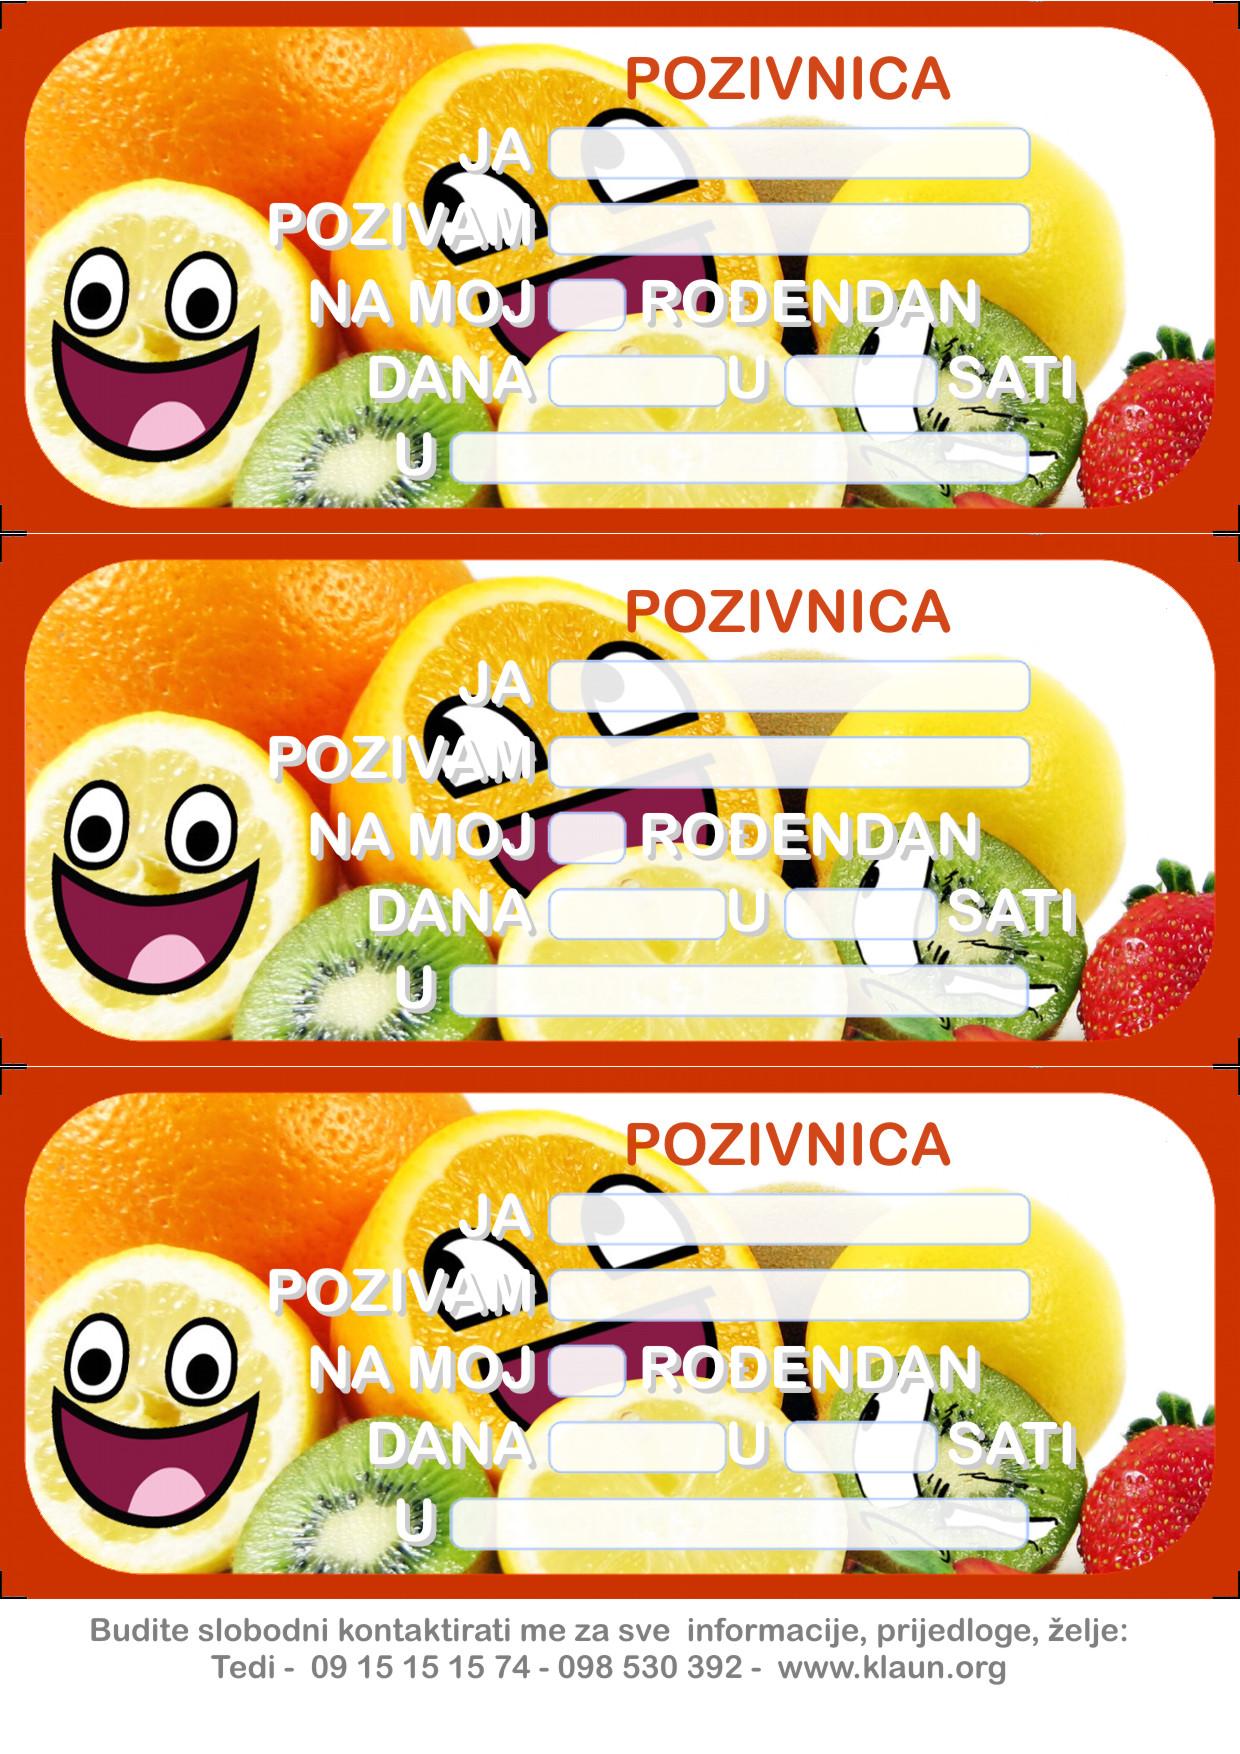 pozivnice za dječji rođendan download Pozivnice za rođendan Smjehuljko 2   Iznenađenje za rođendan ZA  pozivnice za dječji rođendan download